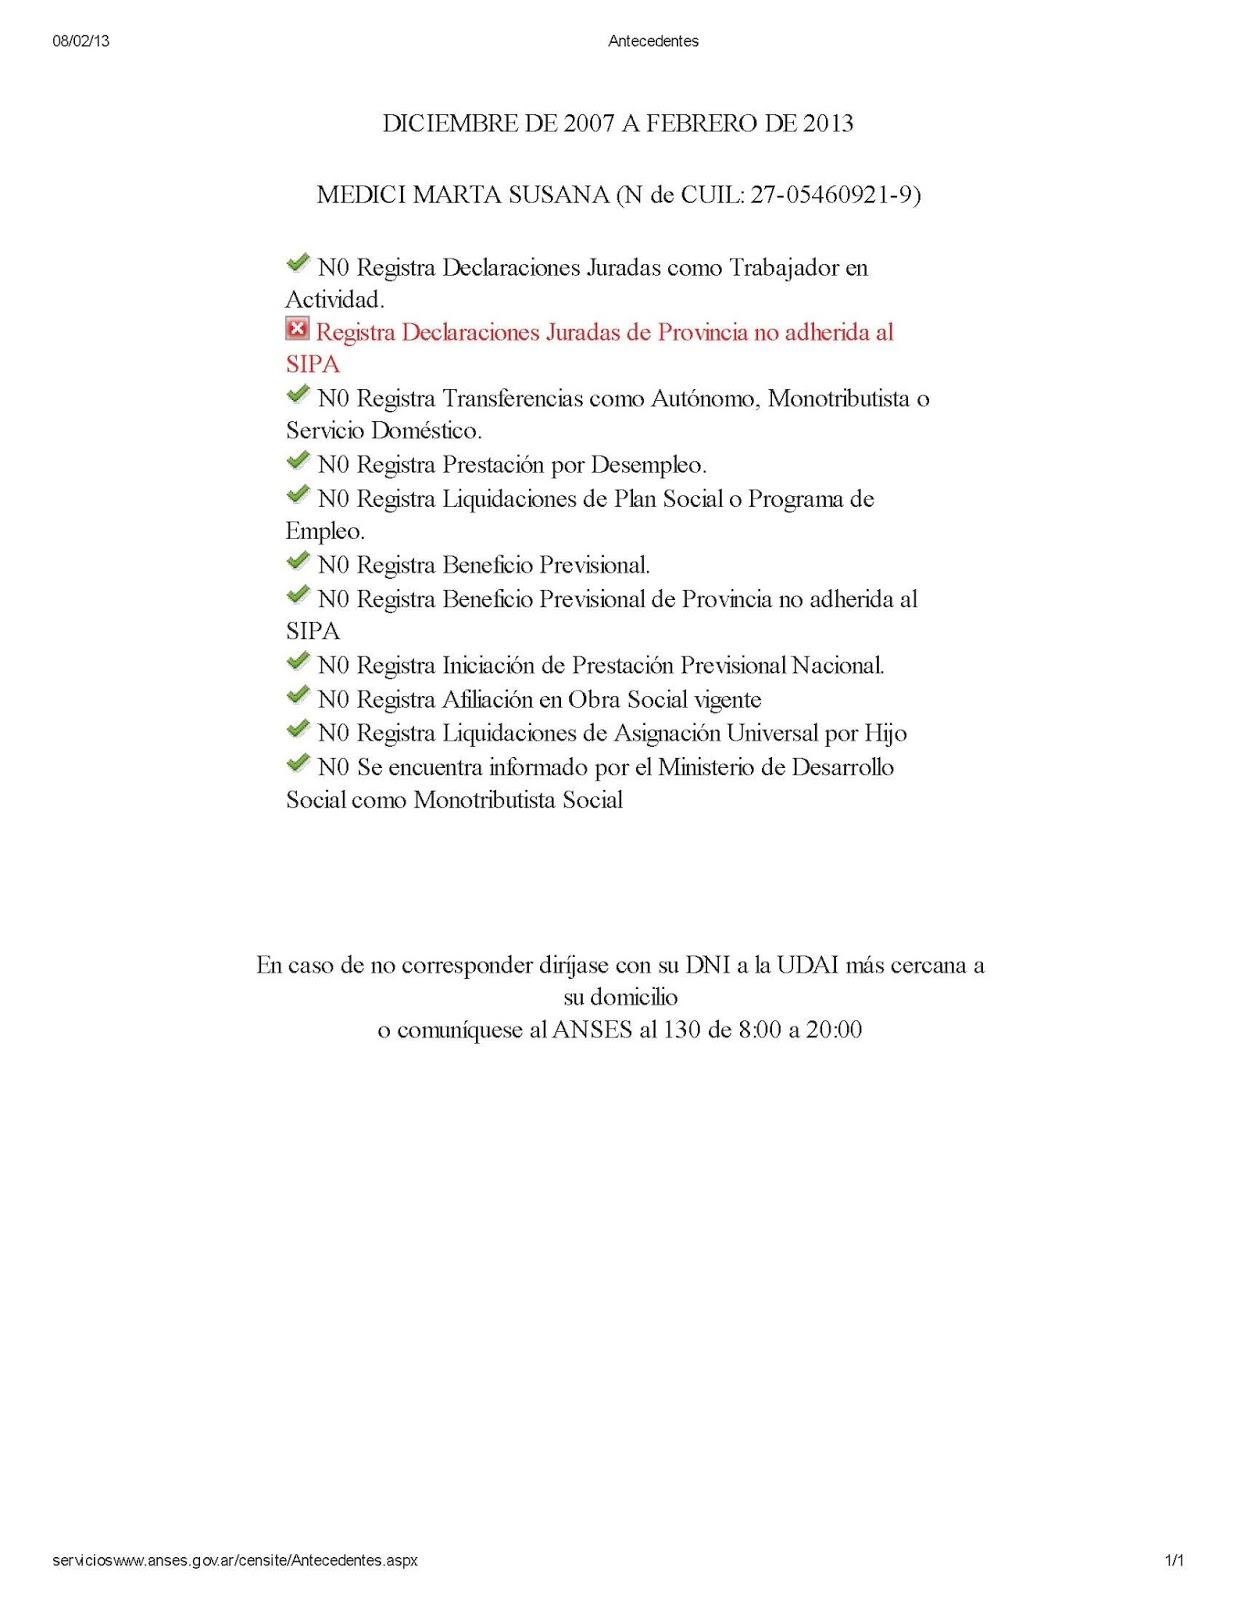 Certificacion Negativa Medici Intendente Alberti